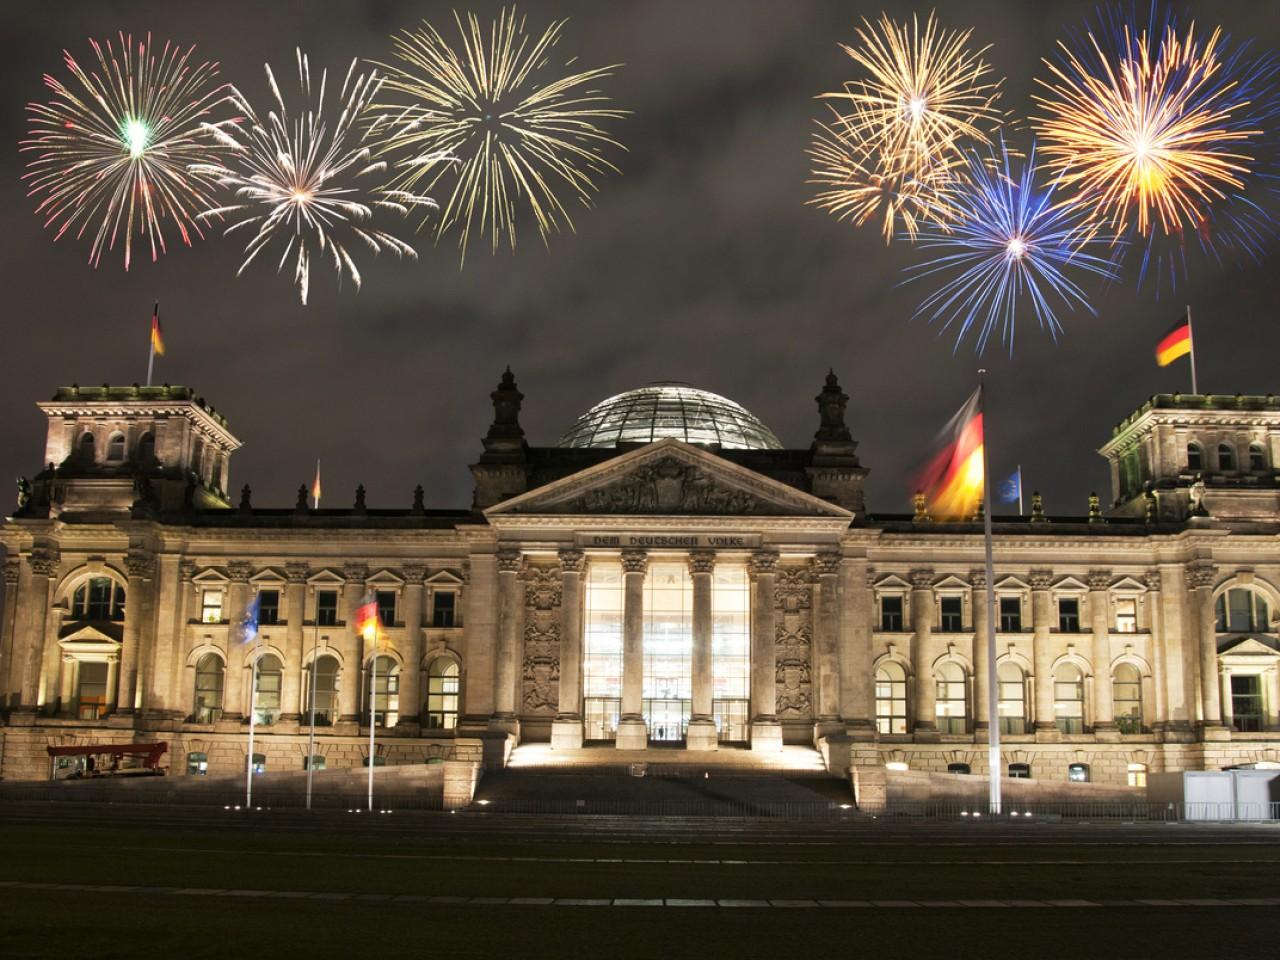 Berlin at Christmas - 10 December 2021